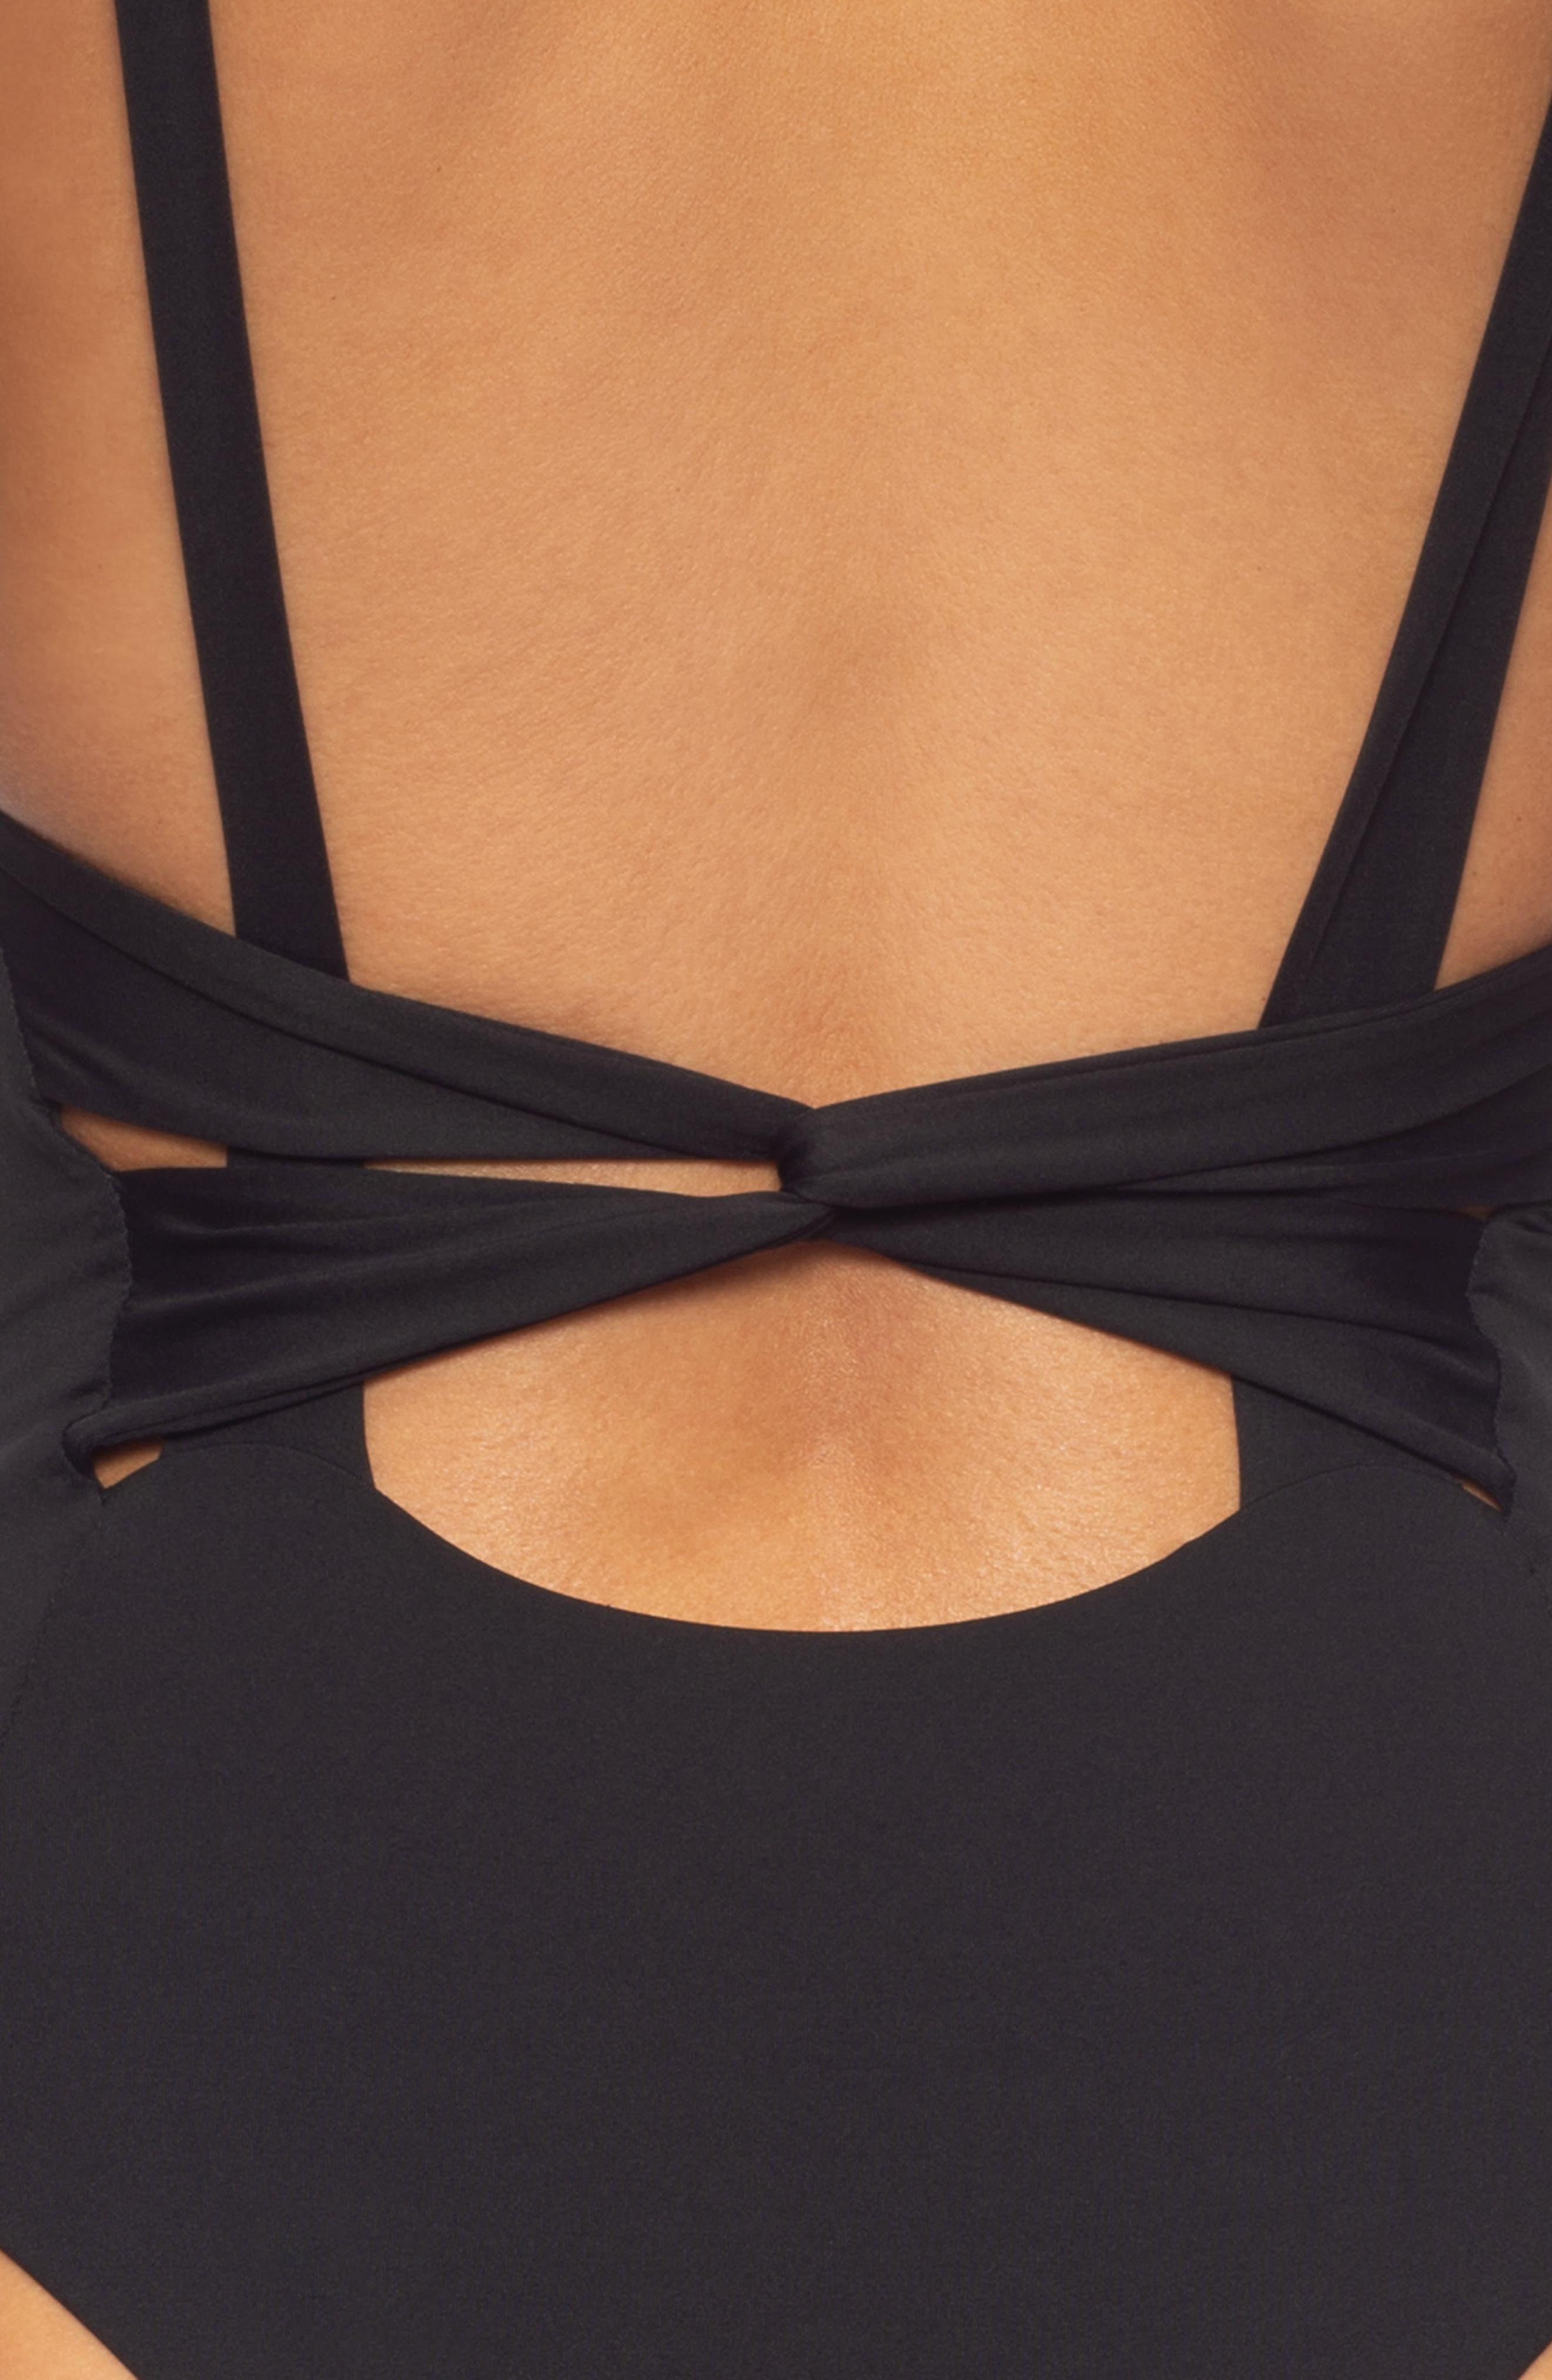 TAVIK, Claire One-Piece Swimsuit, Alternate thumbnail 5, color, BLACK